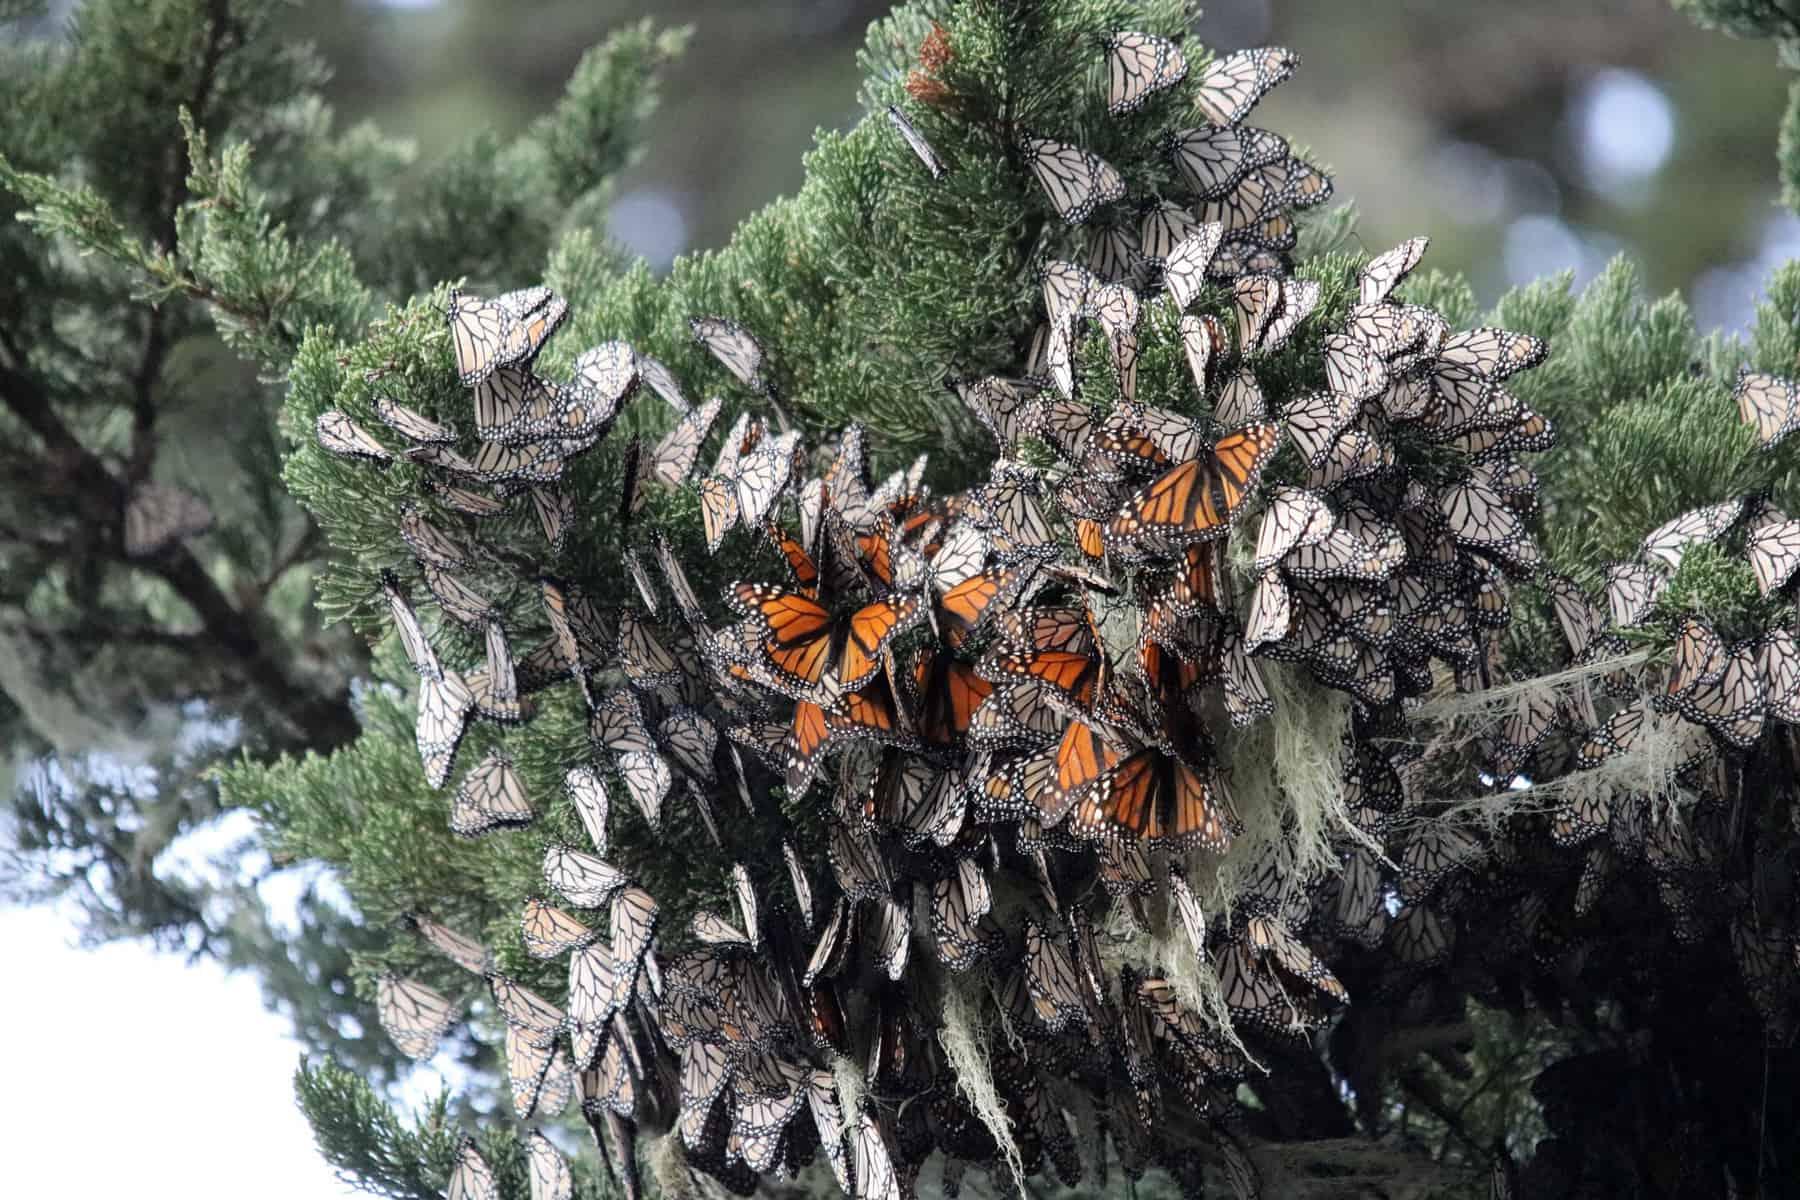 Schwärme von Monarchfaltern überwintern nahe Monterey, Kalifornien (Bild,: Joanna Gilkeson/USFWS).